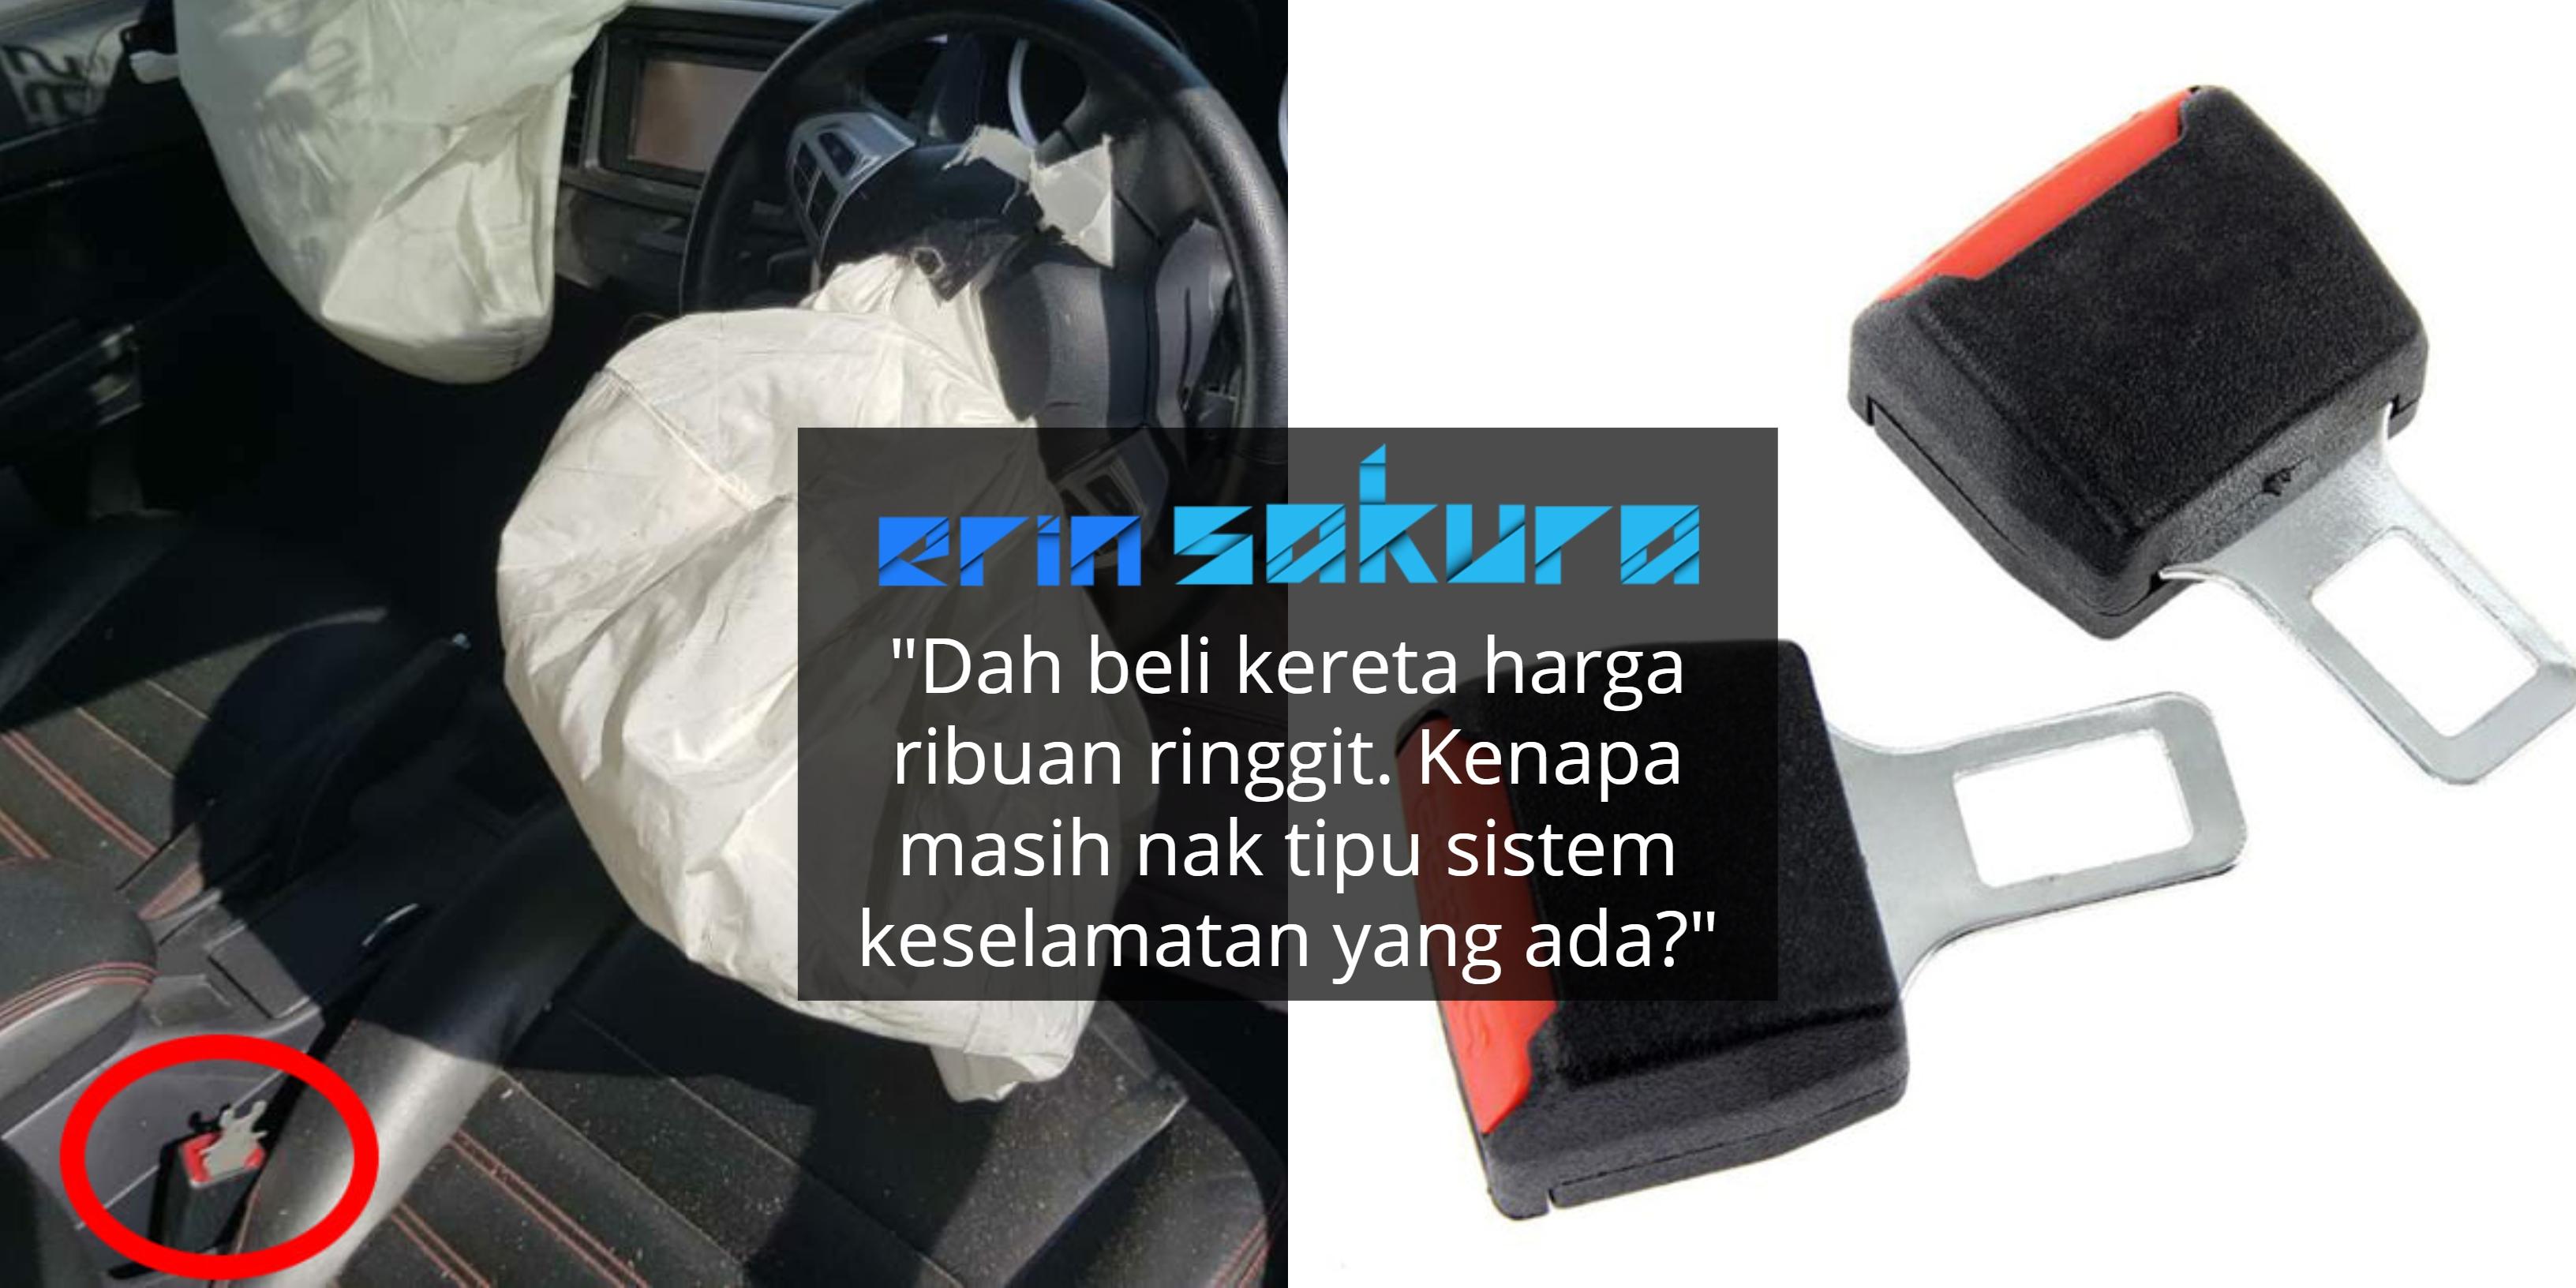 Nyawa Boleh Melayang, Tak Berbaloi Senyapkan Alarm Kereta Guna 'Seatbelt Clip'